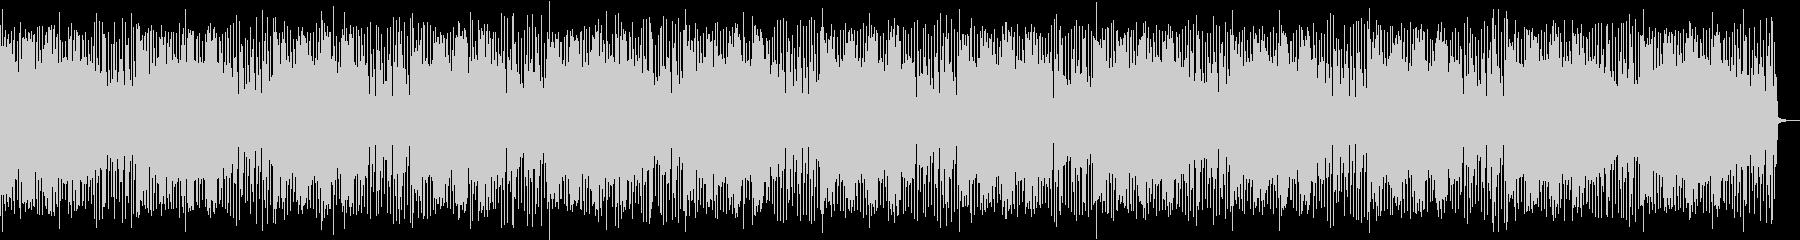 シンセとドラムの暗いLo-Fi BGMの未再生の波形